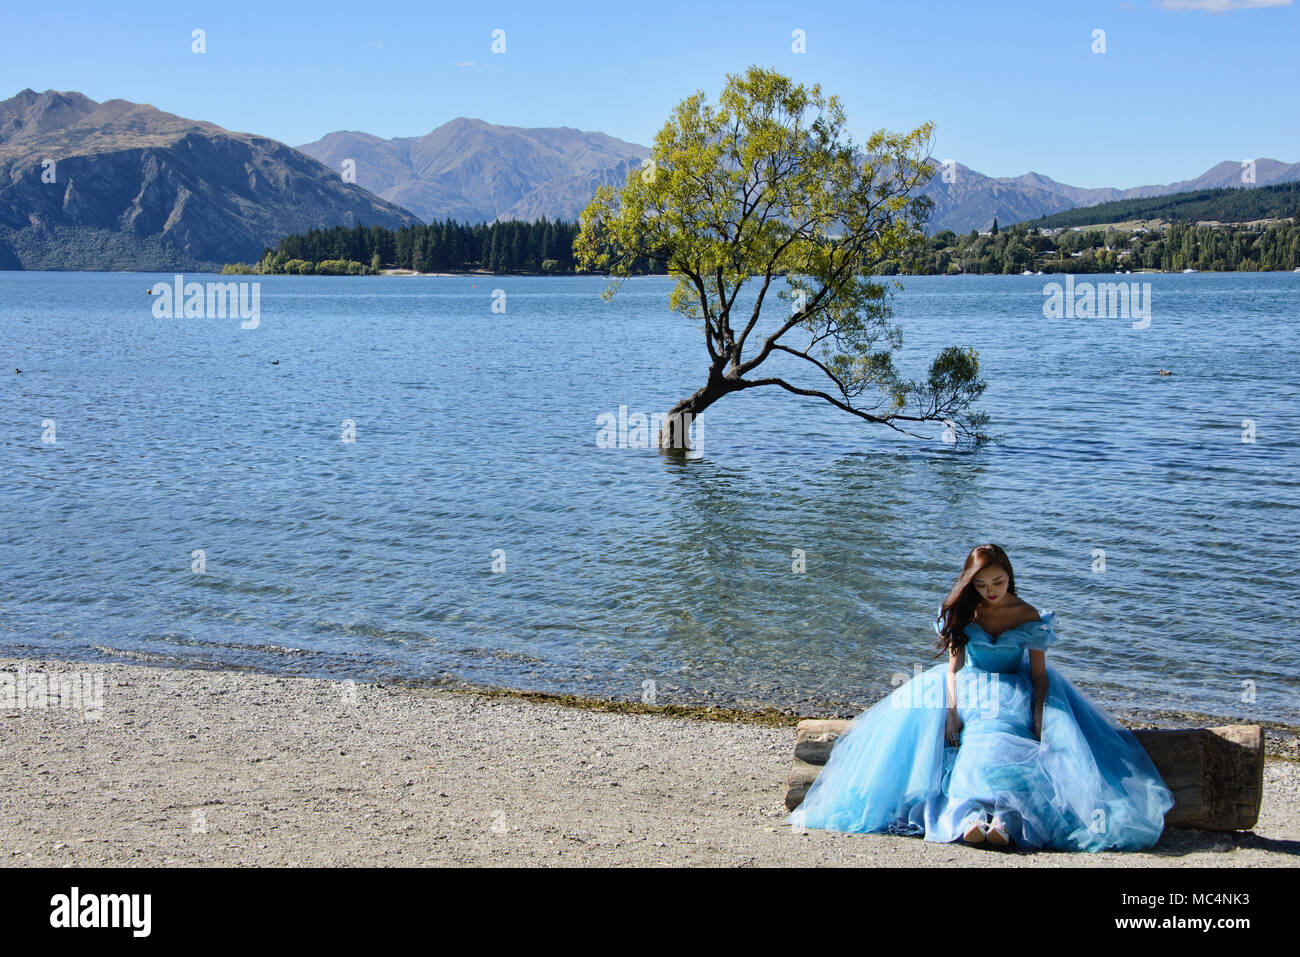 The famed Wanaka Tree, Lake Wanaka, New Zealand Stock Photo